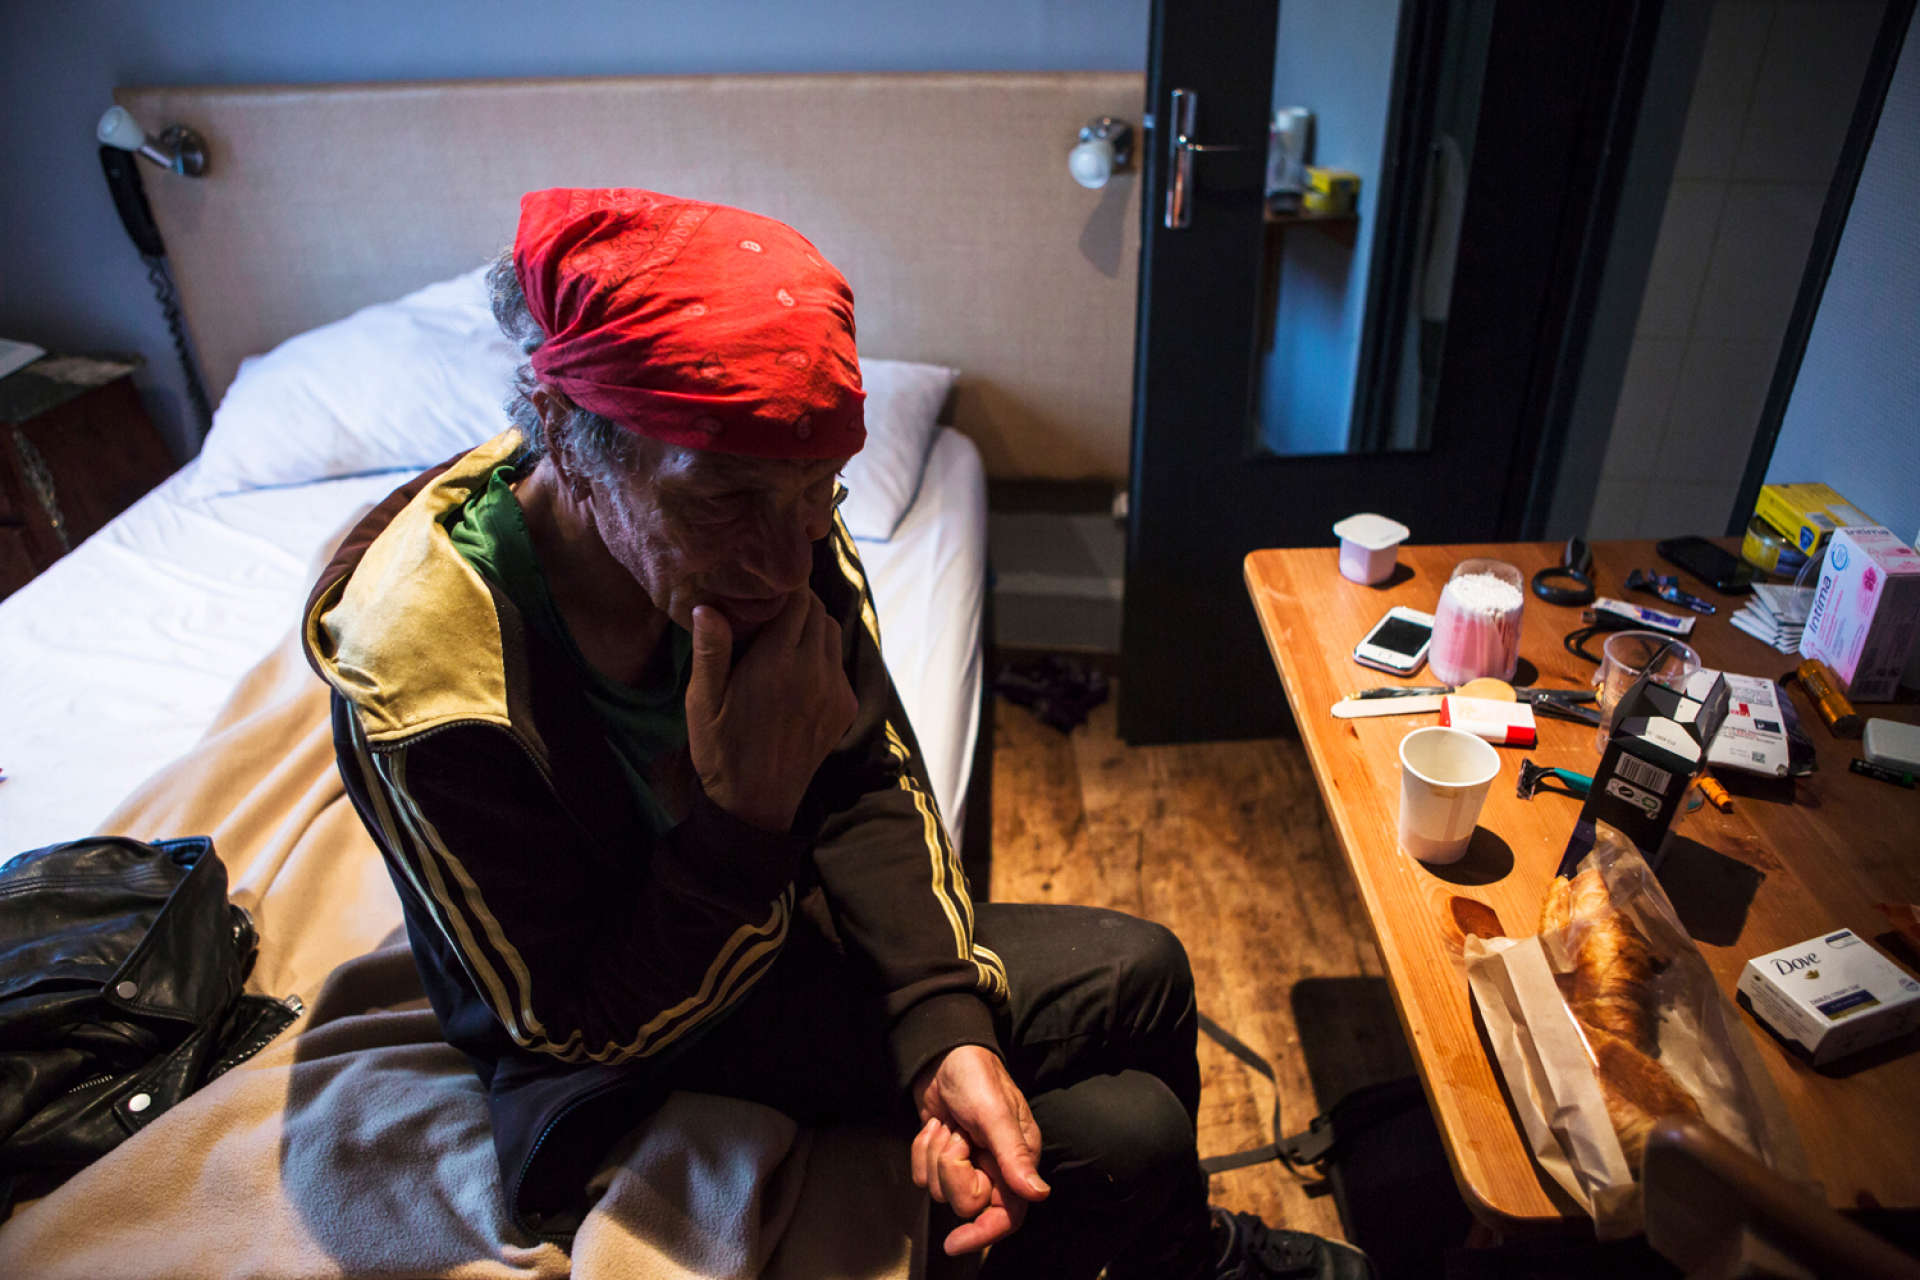 Bruno, un ancien musicien, est devenu une figure de la rue à Toulouse. Ici dans sa chambre avant de prendre son petit déjeuner.